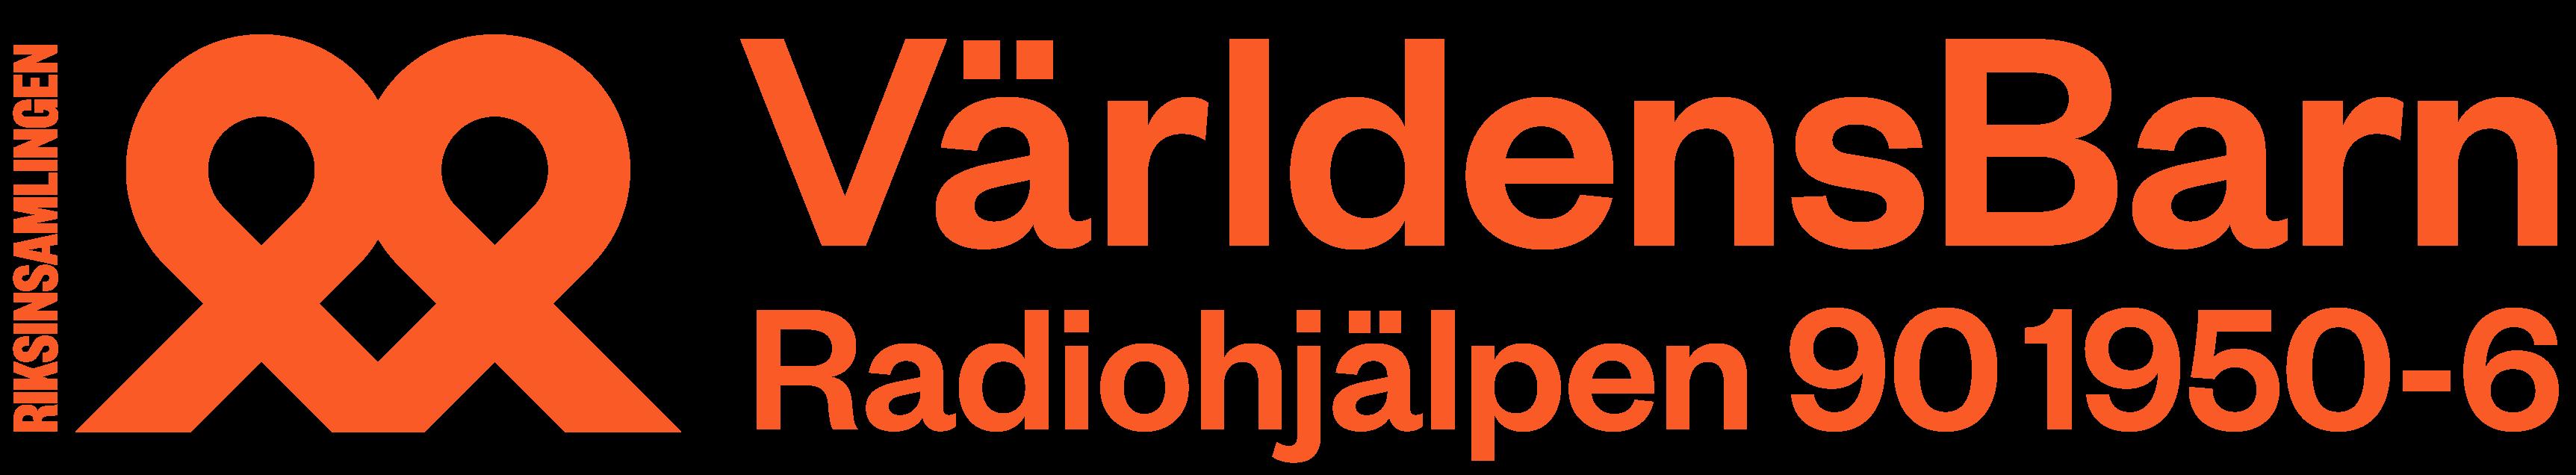 Världens Barn – Radiohjälpen 90 1950-6